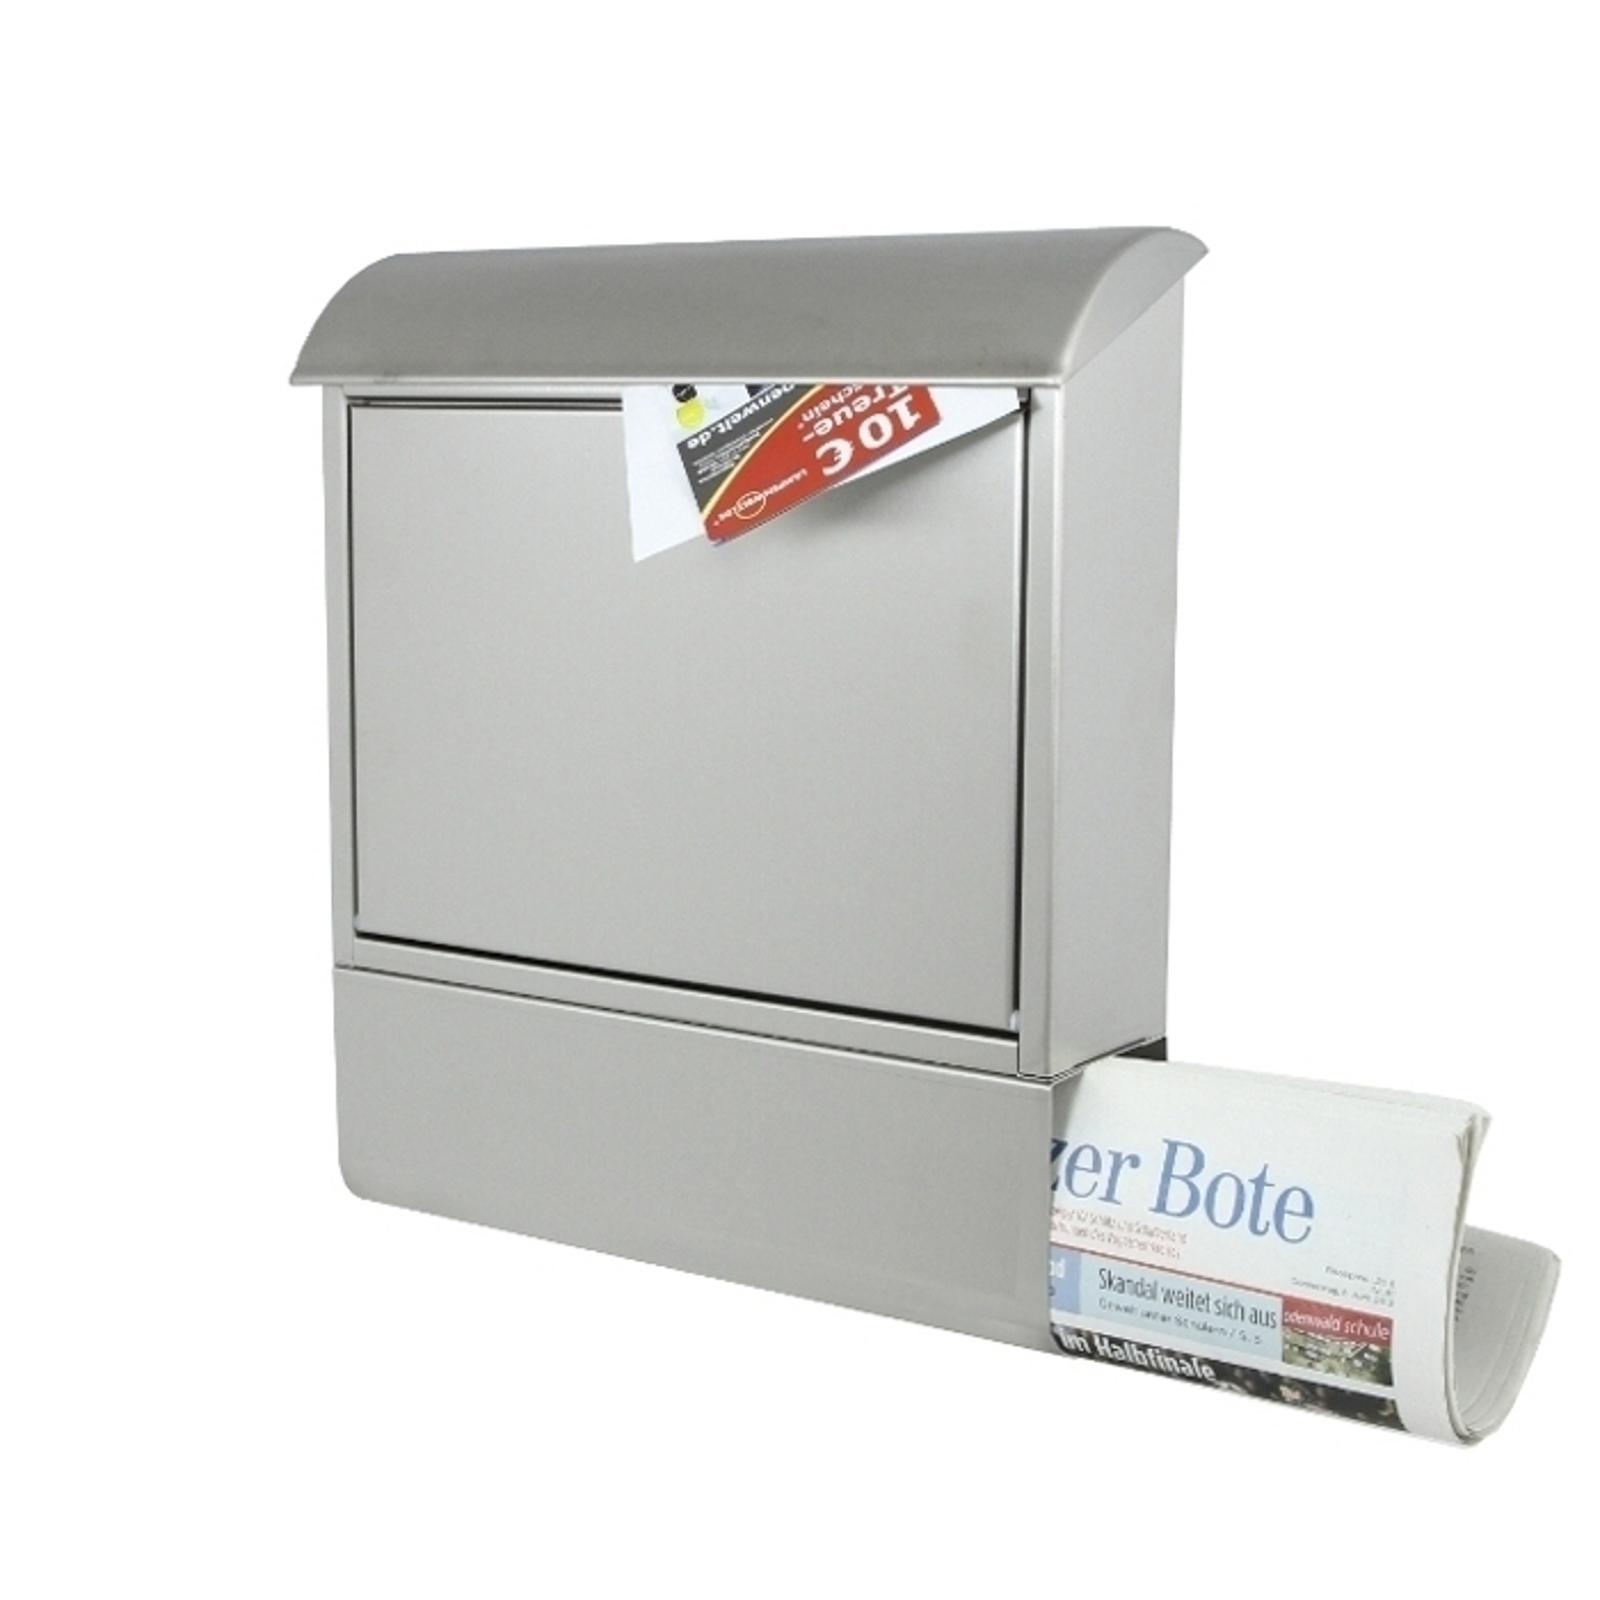 Produktové foto Heibi Poštovní schránka nerezová s novinovou přihrádkou